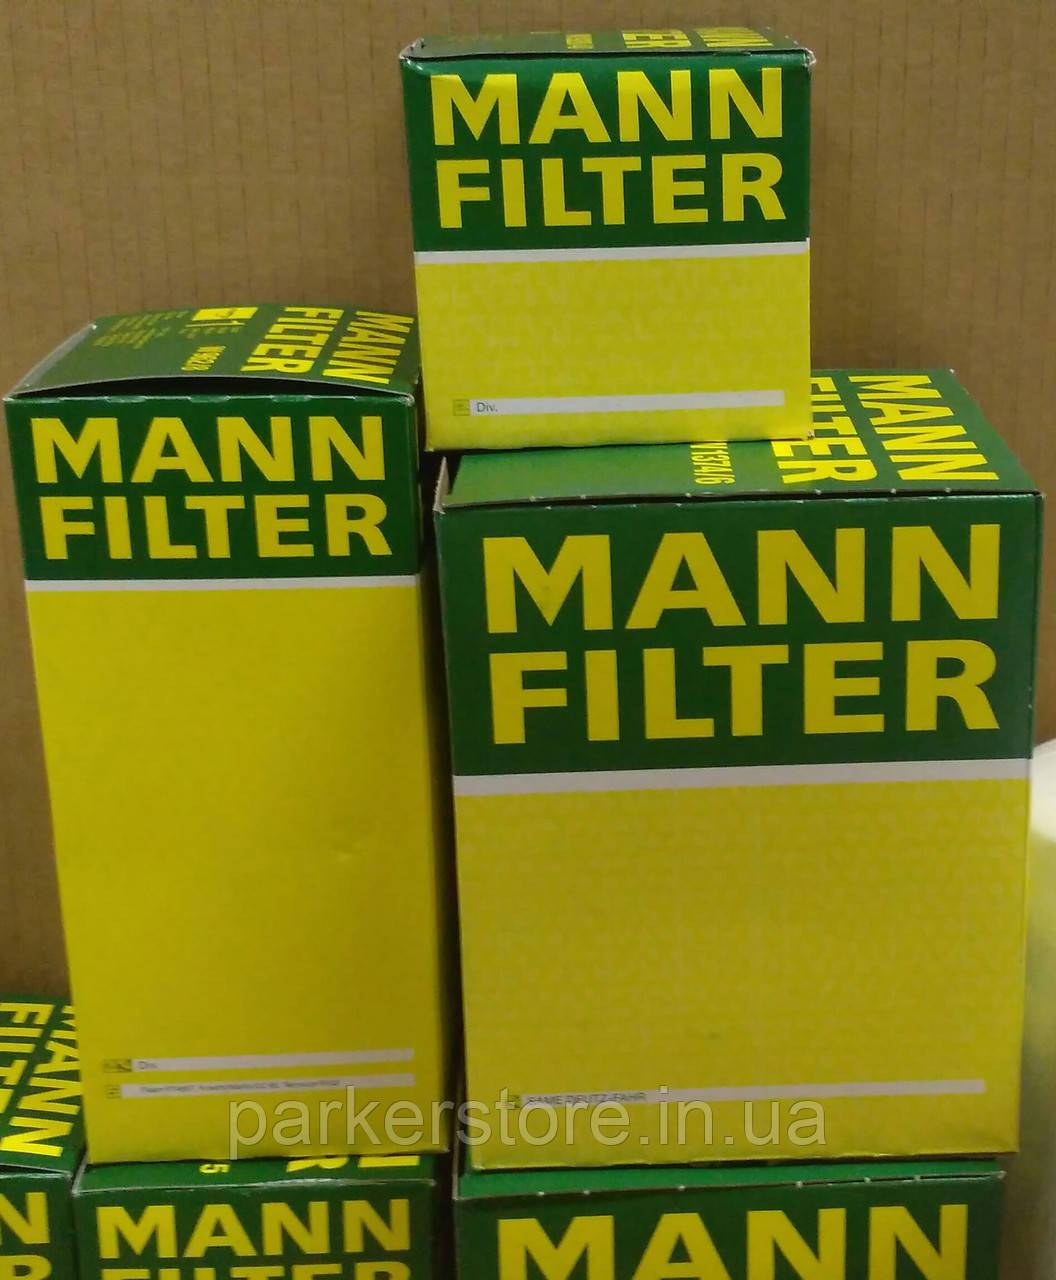 MANN FILTER / Повітряний фільтр / C 25 112 / C25112